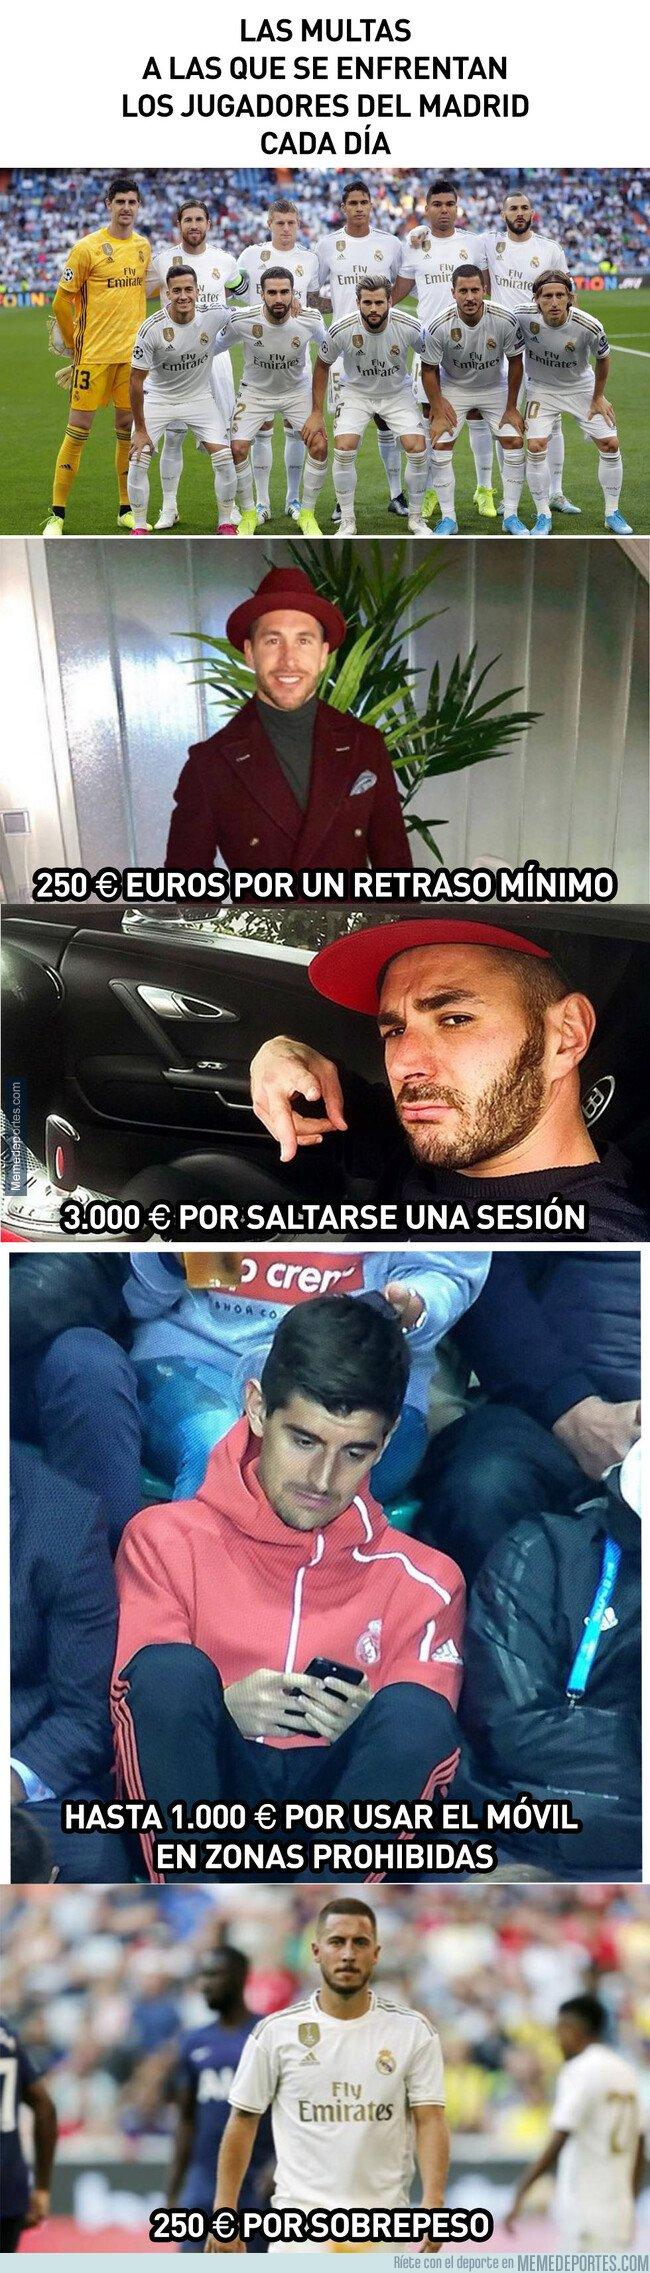 1087508 - Los jugadores del Real Madrid y sus multas